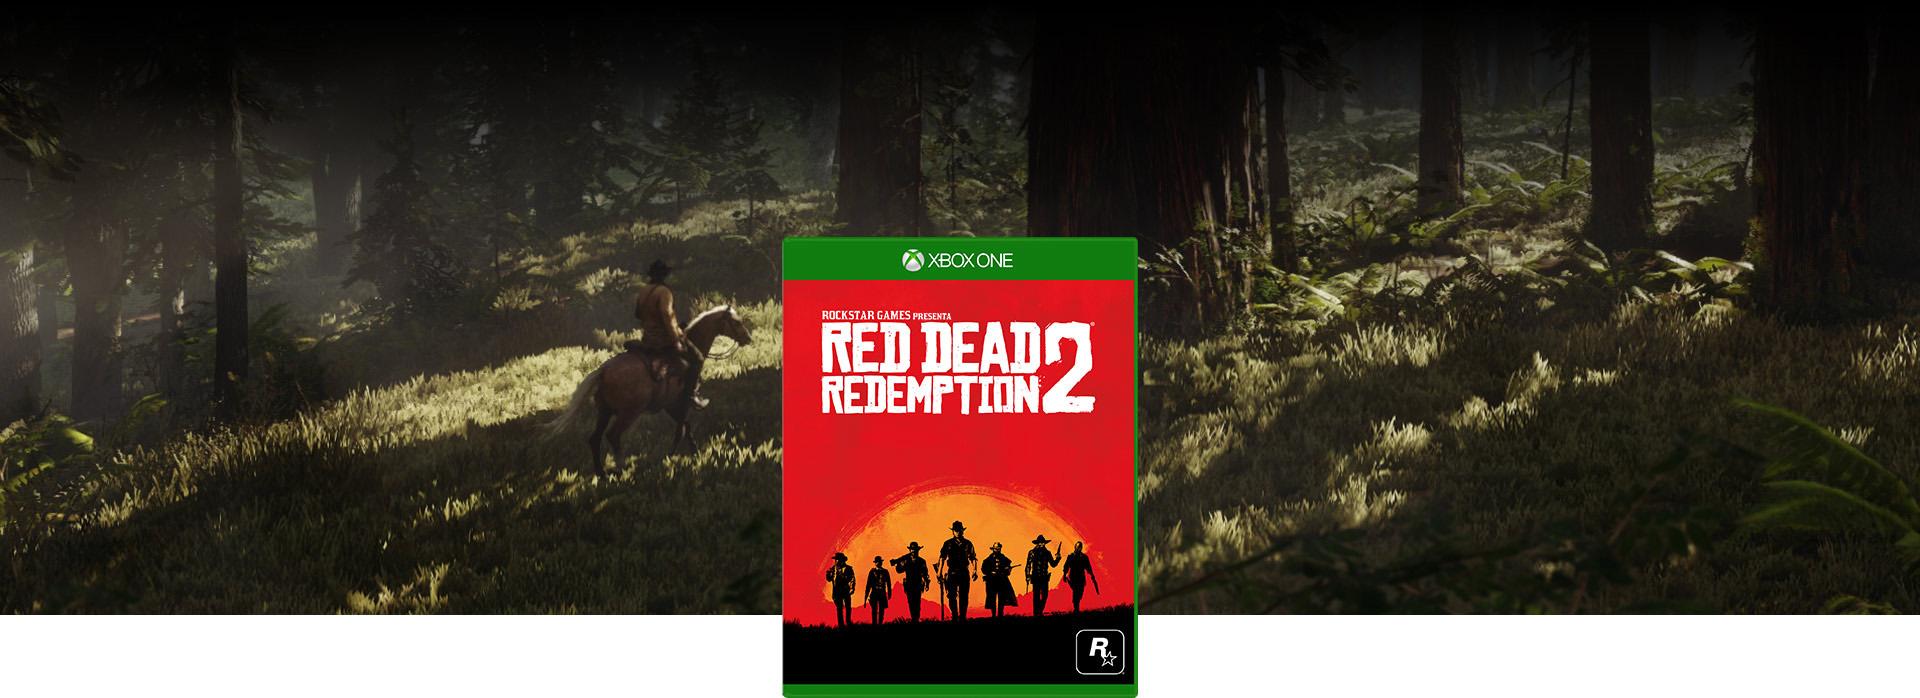 Imagen de la caja de Red Dead Redemption 2